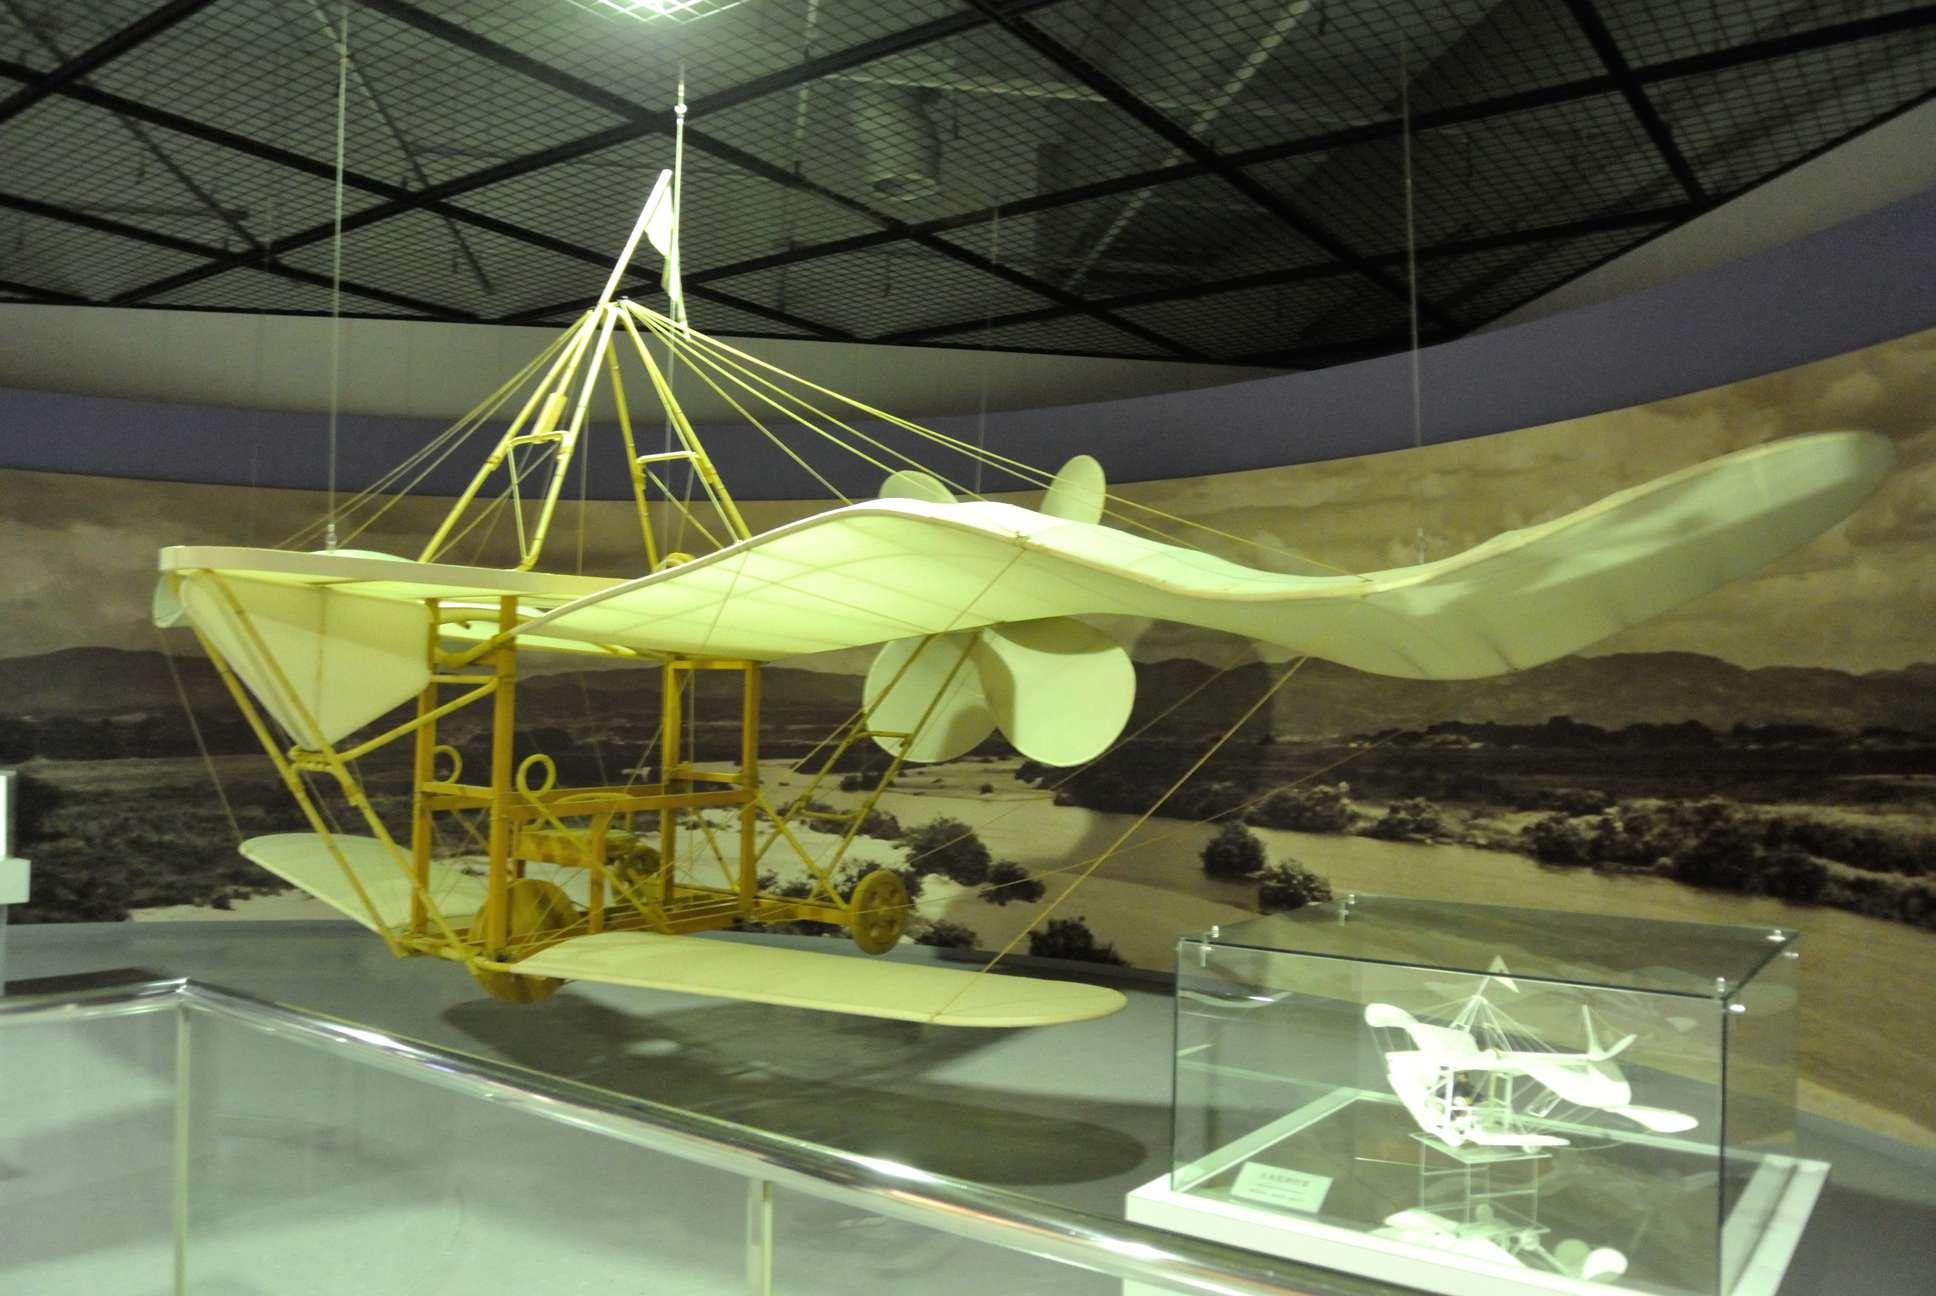 玉虫型飛行機(復元模型)